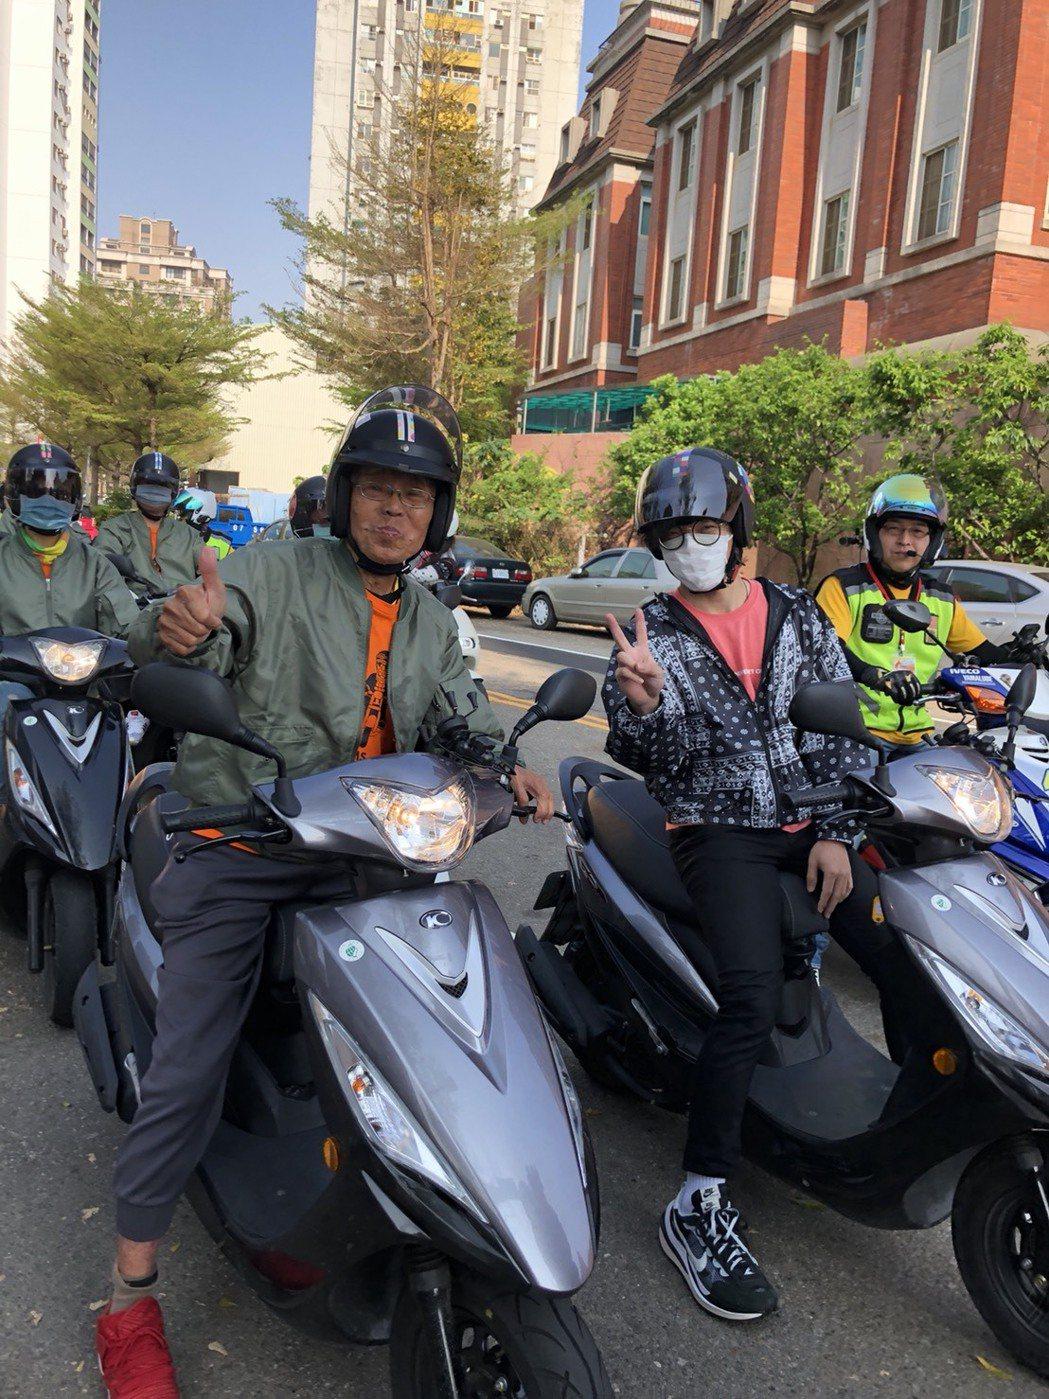 盧廣仲(右)為「伴騎」不老騎士。圖/弘道老人福利基金會提供